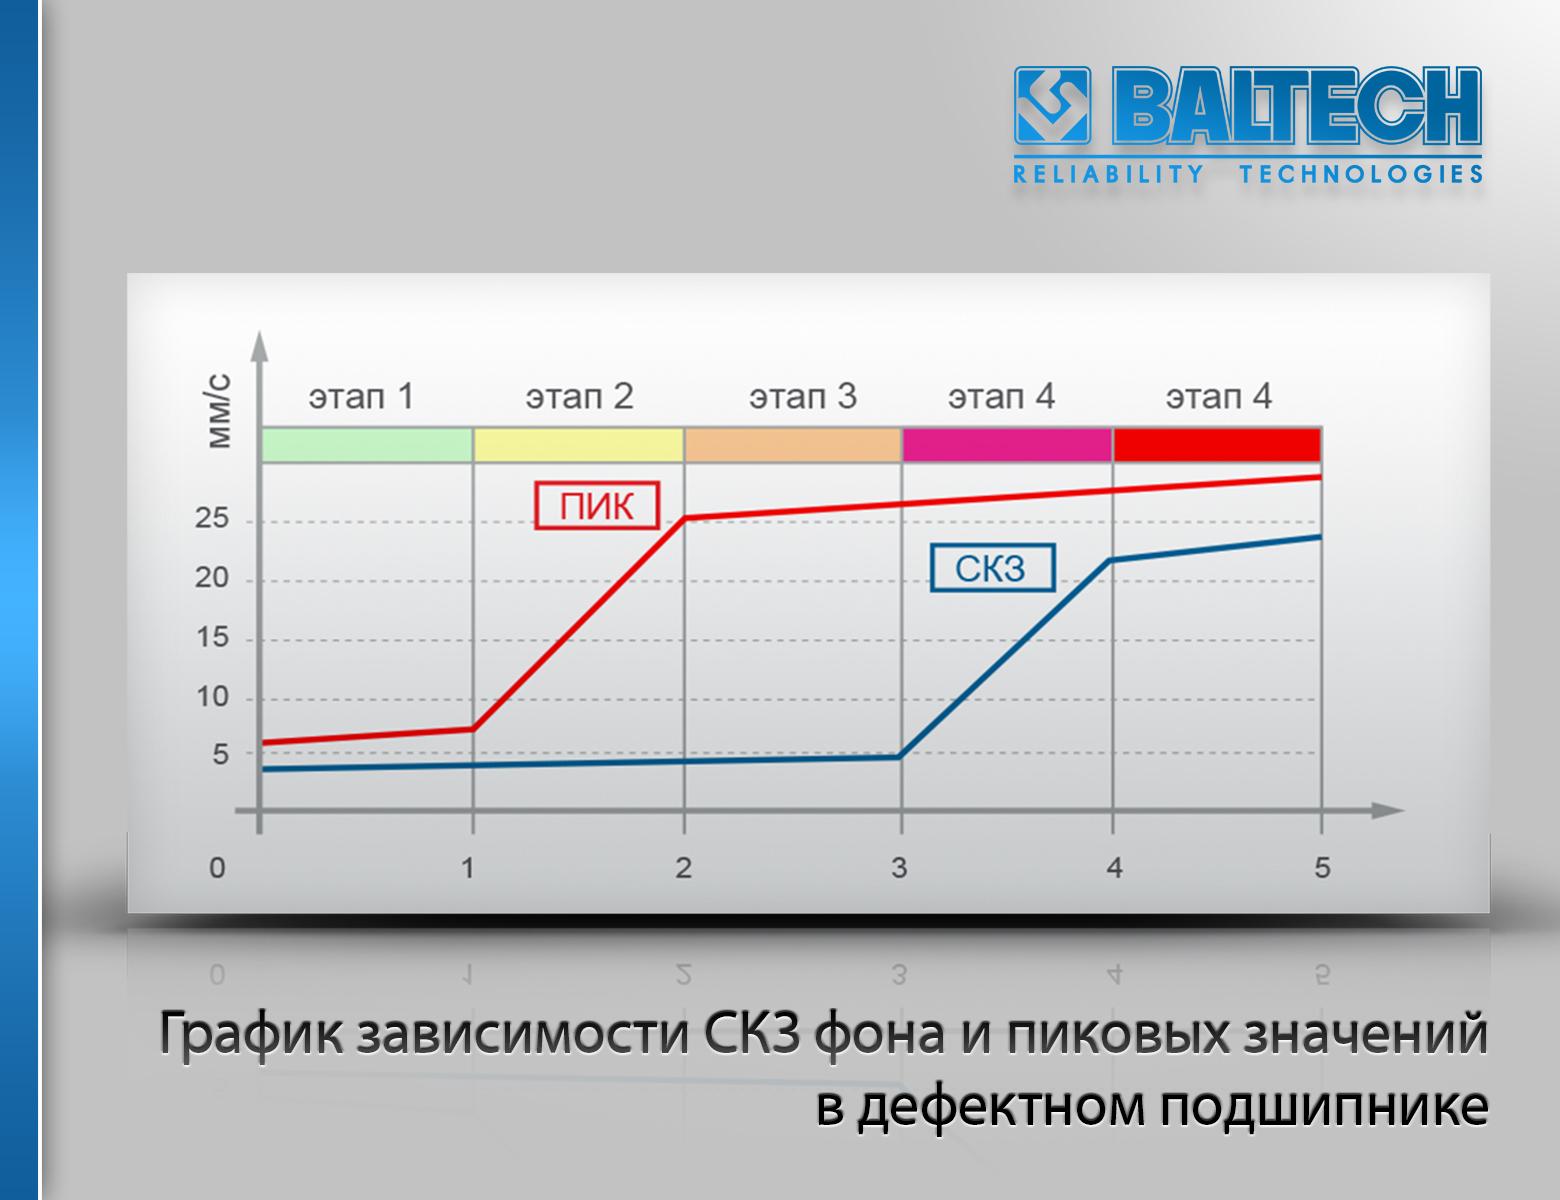 График зависимости СКЗ фона и пиковых значений в дефектном подшипнике, диагностика подшипников